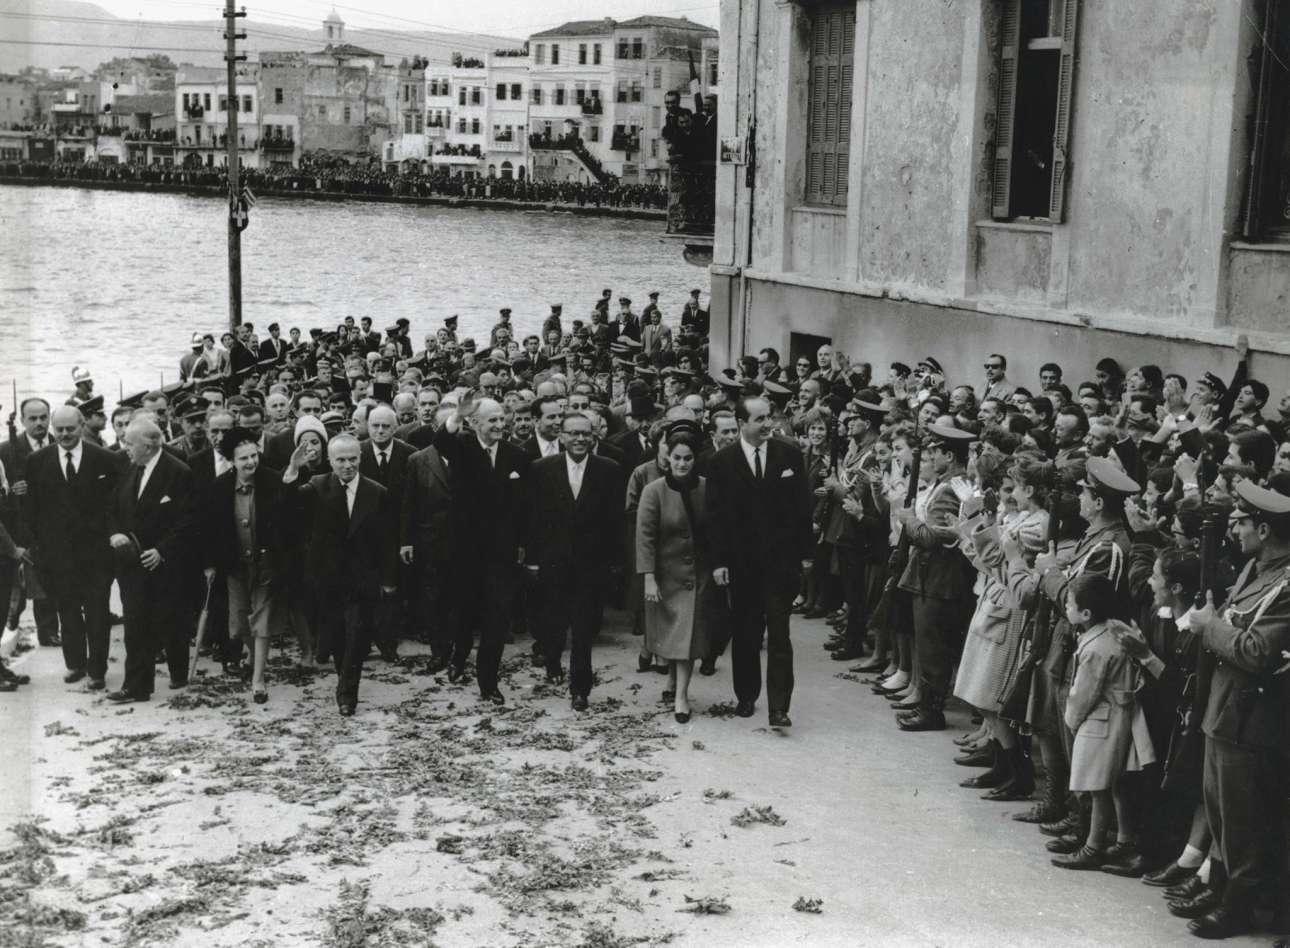 1η Δεκεμβρίου 1963 ο Μητσοτάκης στα Χανιά, στους εροτασμούς για τα 50 χρόνια από την ένωση της Κρήτης με την Ελλάδα. Ο τότε πρωθυπουργός Γεώργιος Παπανδρέου, περιστοιχισμένος από τον αντιπρόεδρο της Κυβέρνησης, Σοφοκλή Βενιζέλο και τους υπουργούς του οδεύει προς το φρούριο Φιρκά, όπου έγινε έπαρση σημαίας. Διακρίνονται επίσης η Μαρίκα Μητσοτάκη και η Δέσποινα Βενιζέλου.